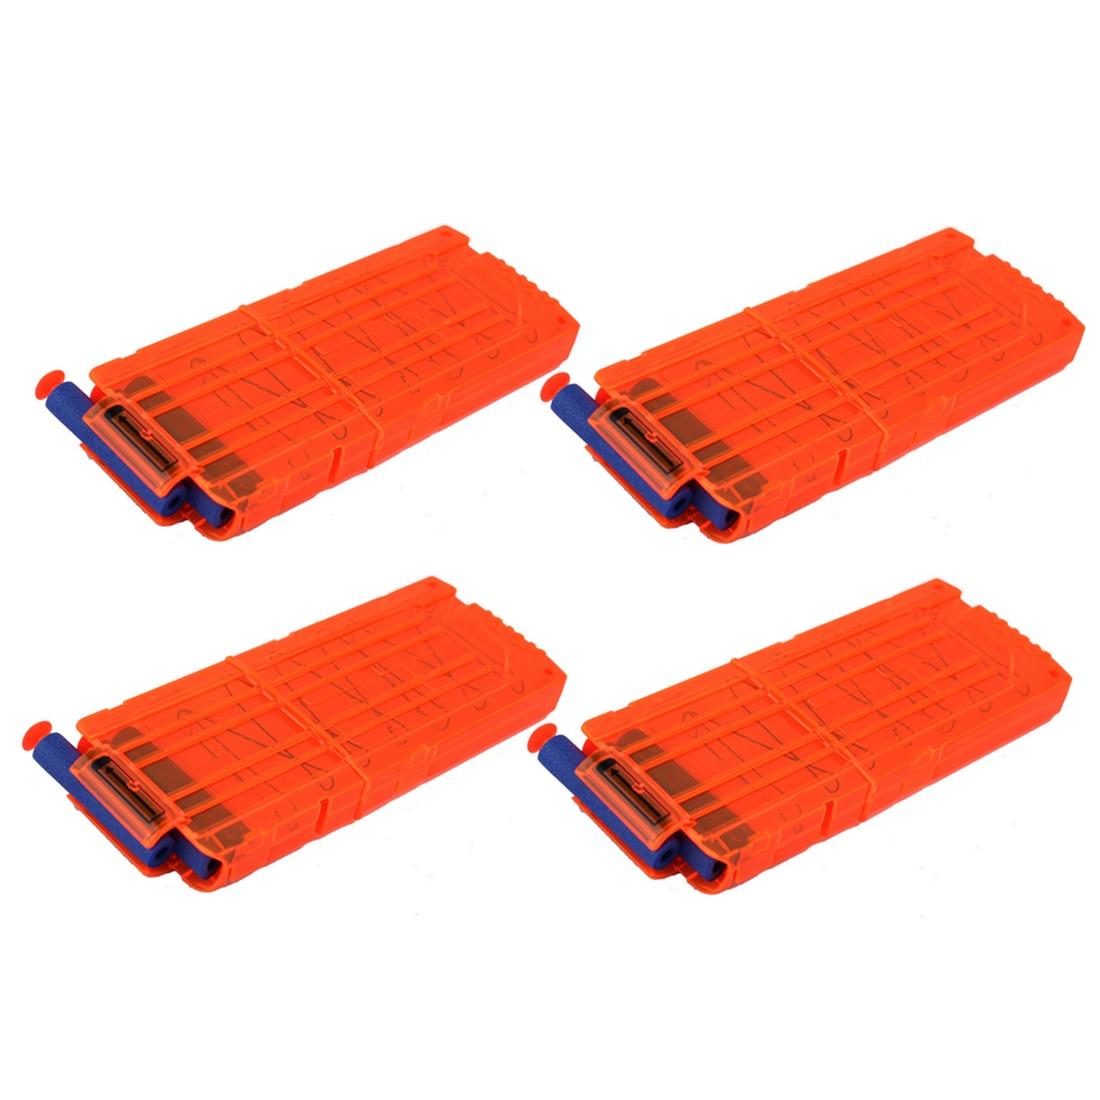 15 pcs/ensemble 12 Recharger Clip Magazines Fléchettes Rondes Remplacement En Plastique Magazines Jouet Pistolet Balle Molle Clip Orange Pour Nerf N -grève